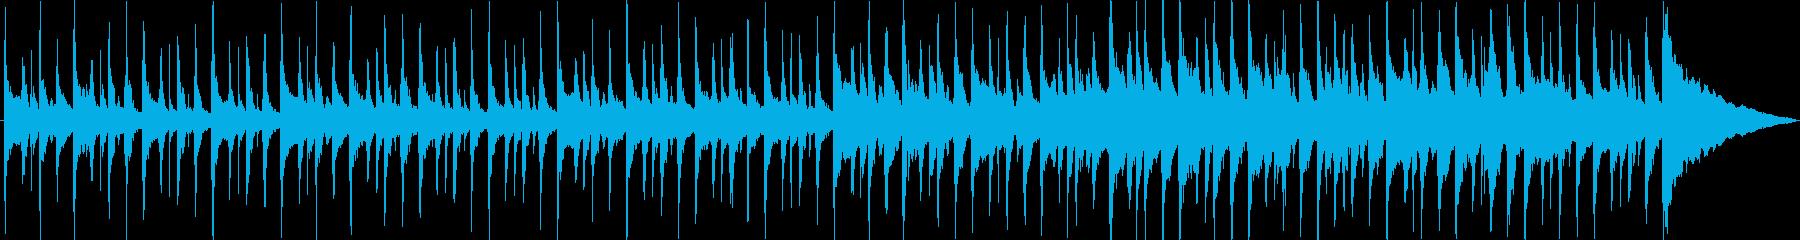 ウクレレ、マンドリン、グロッケンシ...の再生済みの波形